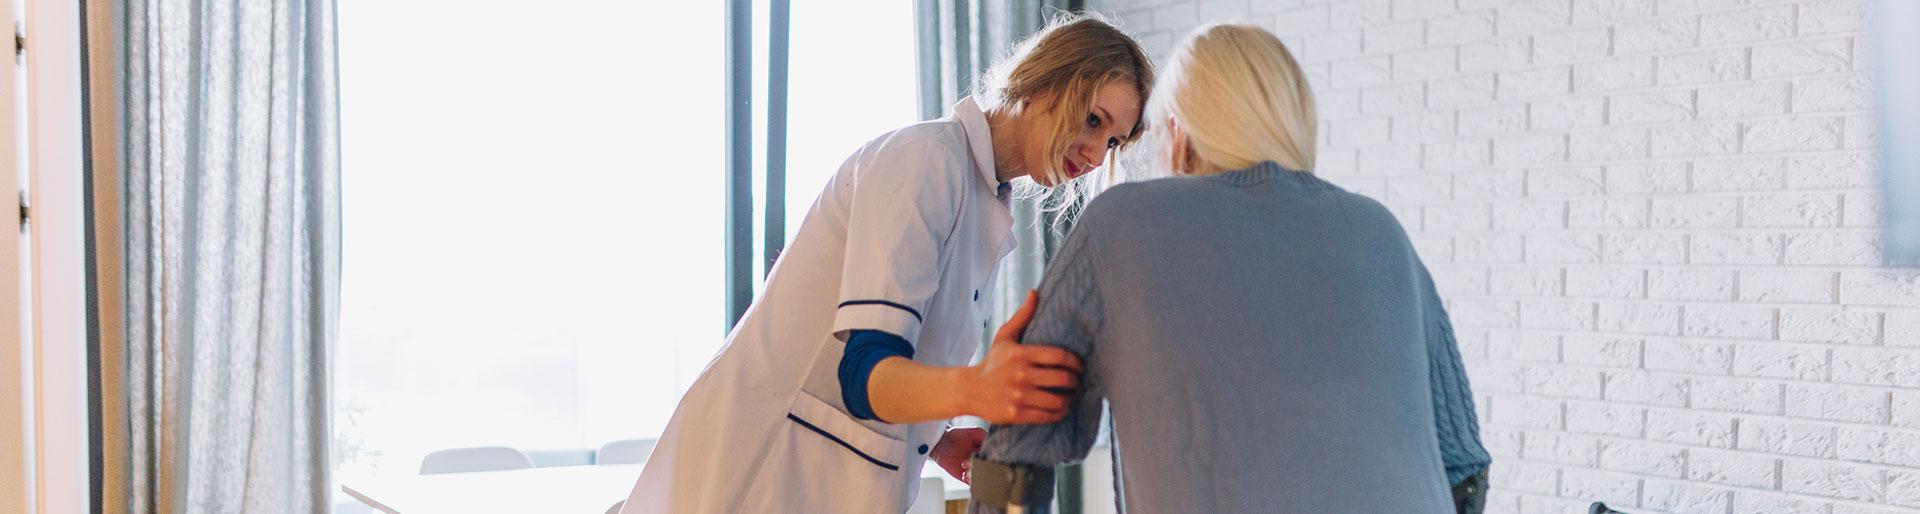 Titre Pro ADVF - Femme aidant une femme agée